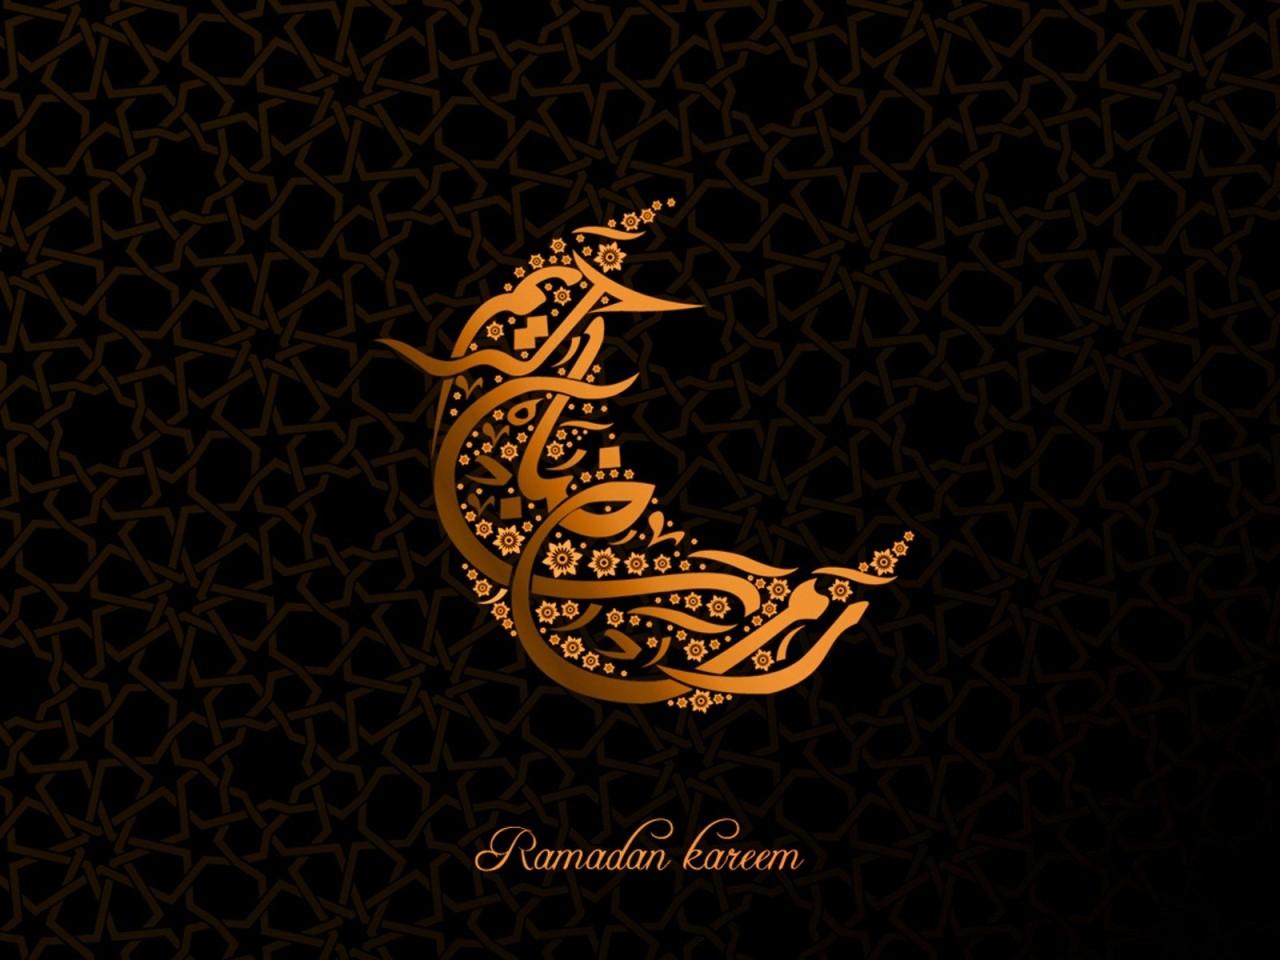 رمضان - صور رمضان كريم - رمضان 1438 ه - صور رمضان 2017 , Pictures Ramadan 2015_1390179488_970.